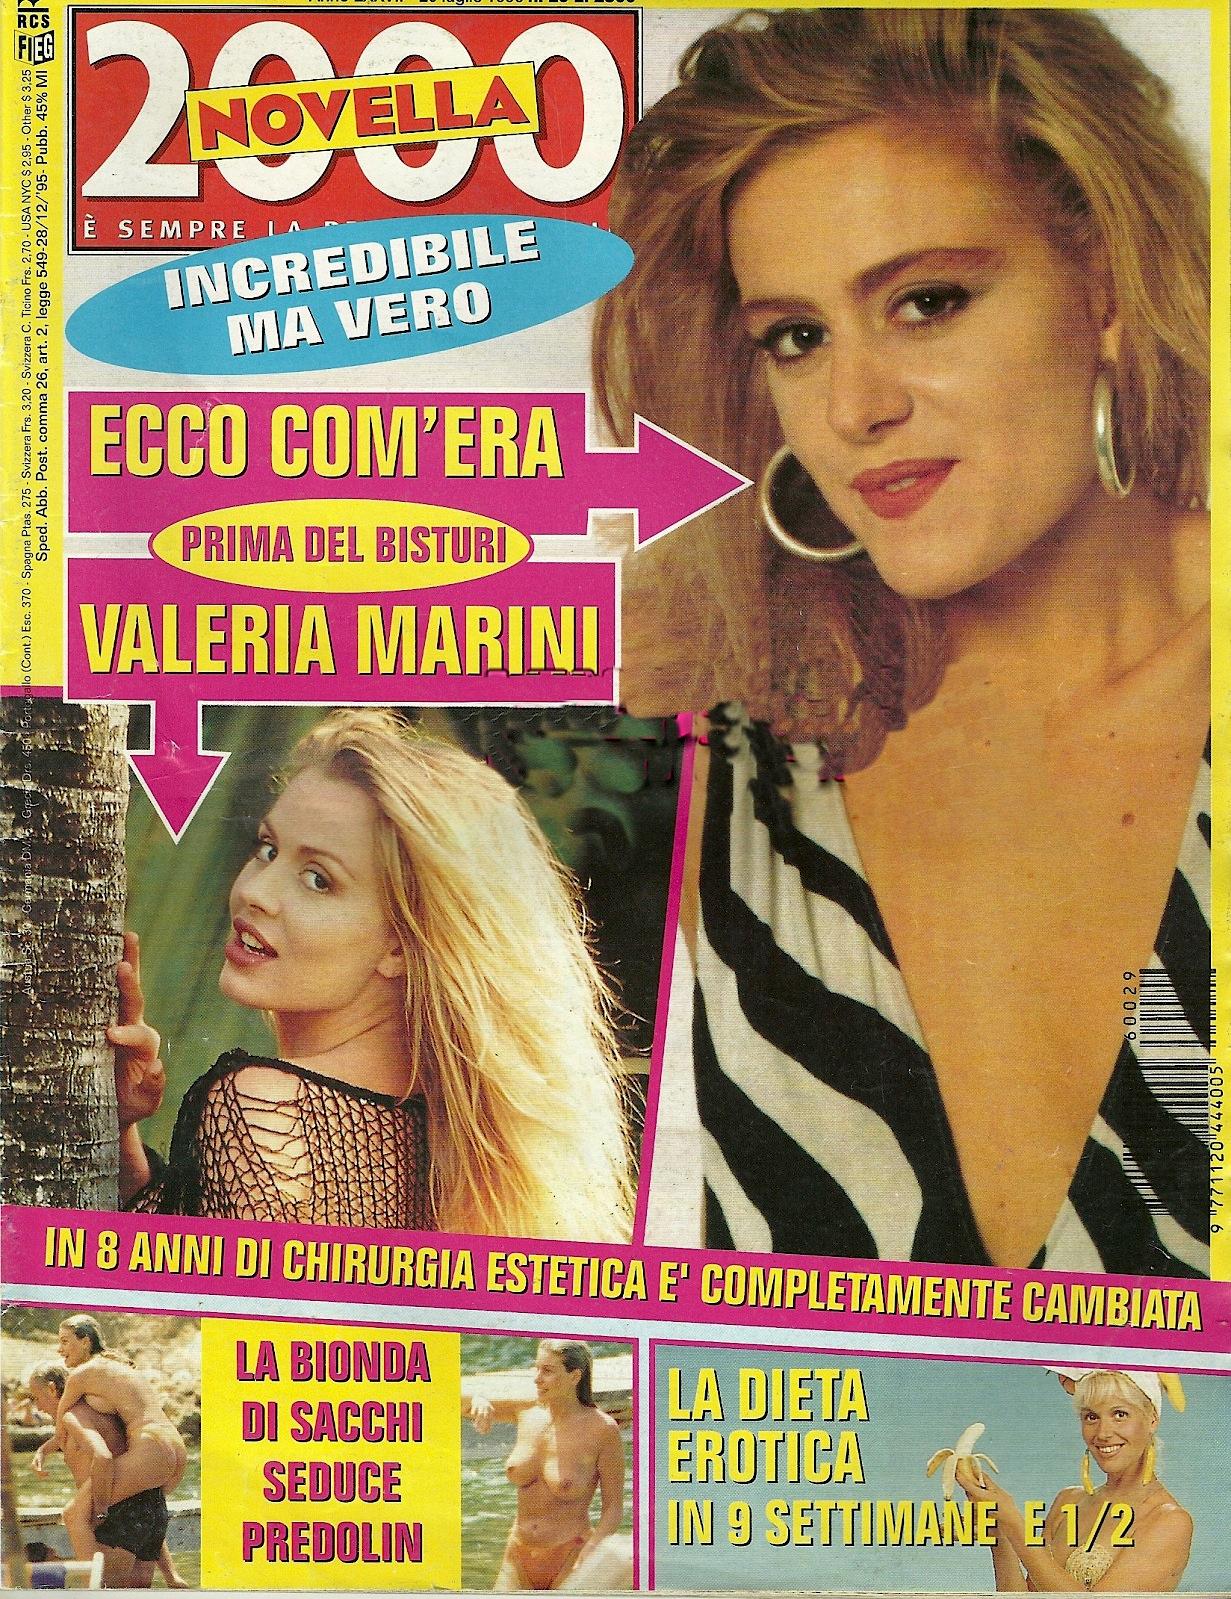 Primo Calendario Valeria Marini.Valeria Marini Come Era Da Giovane Qui Con Oltre 15